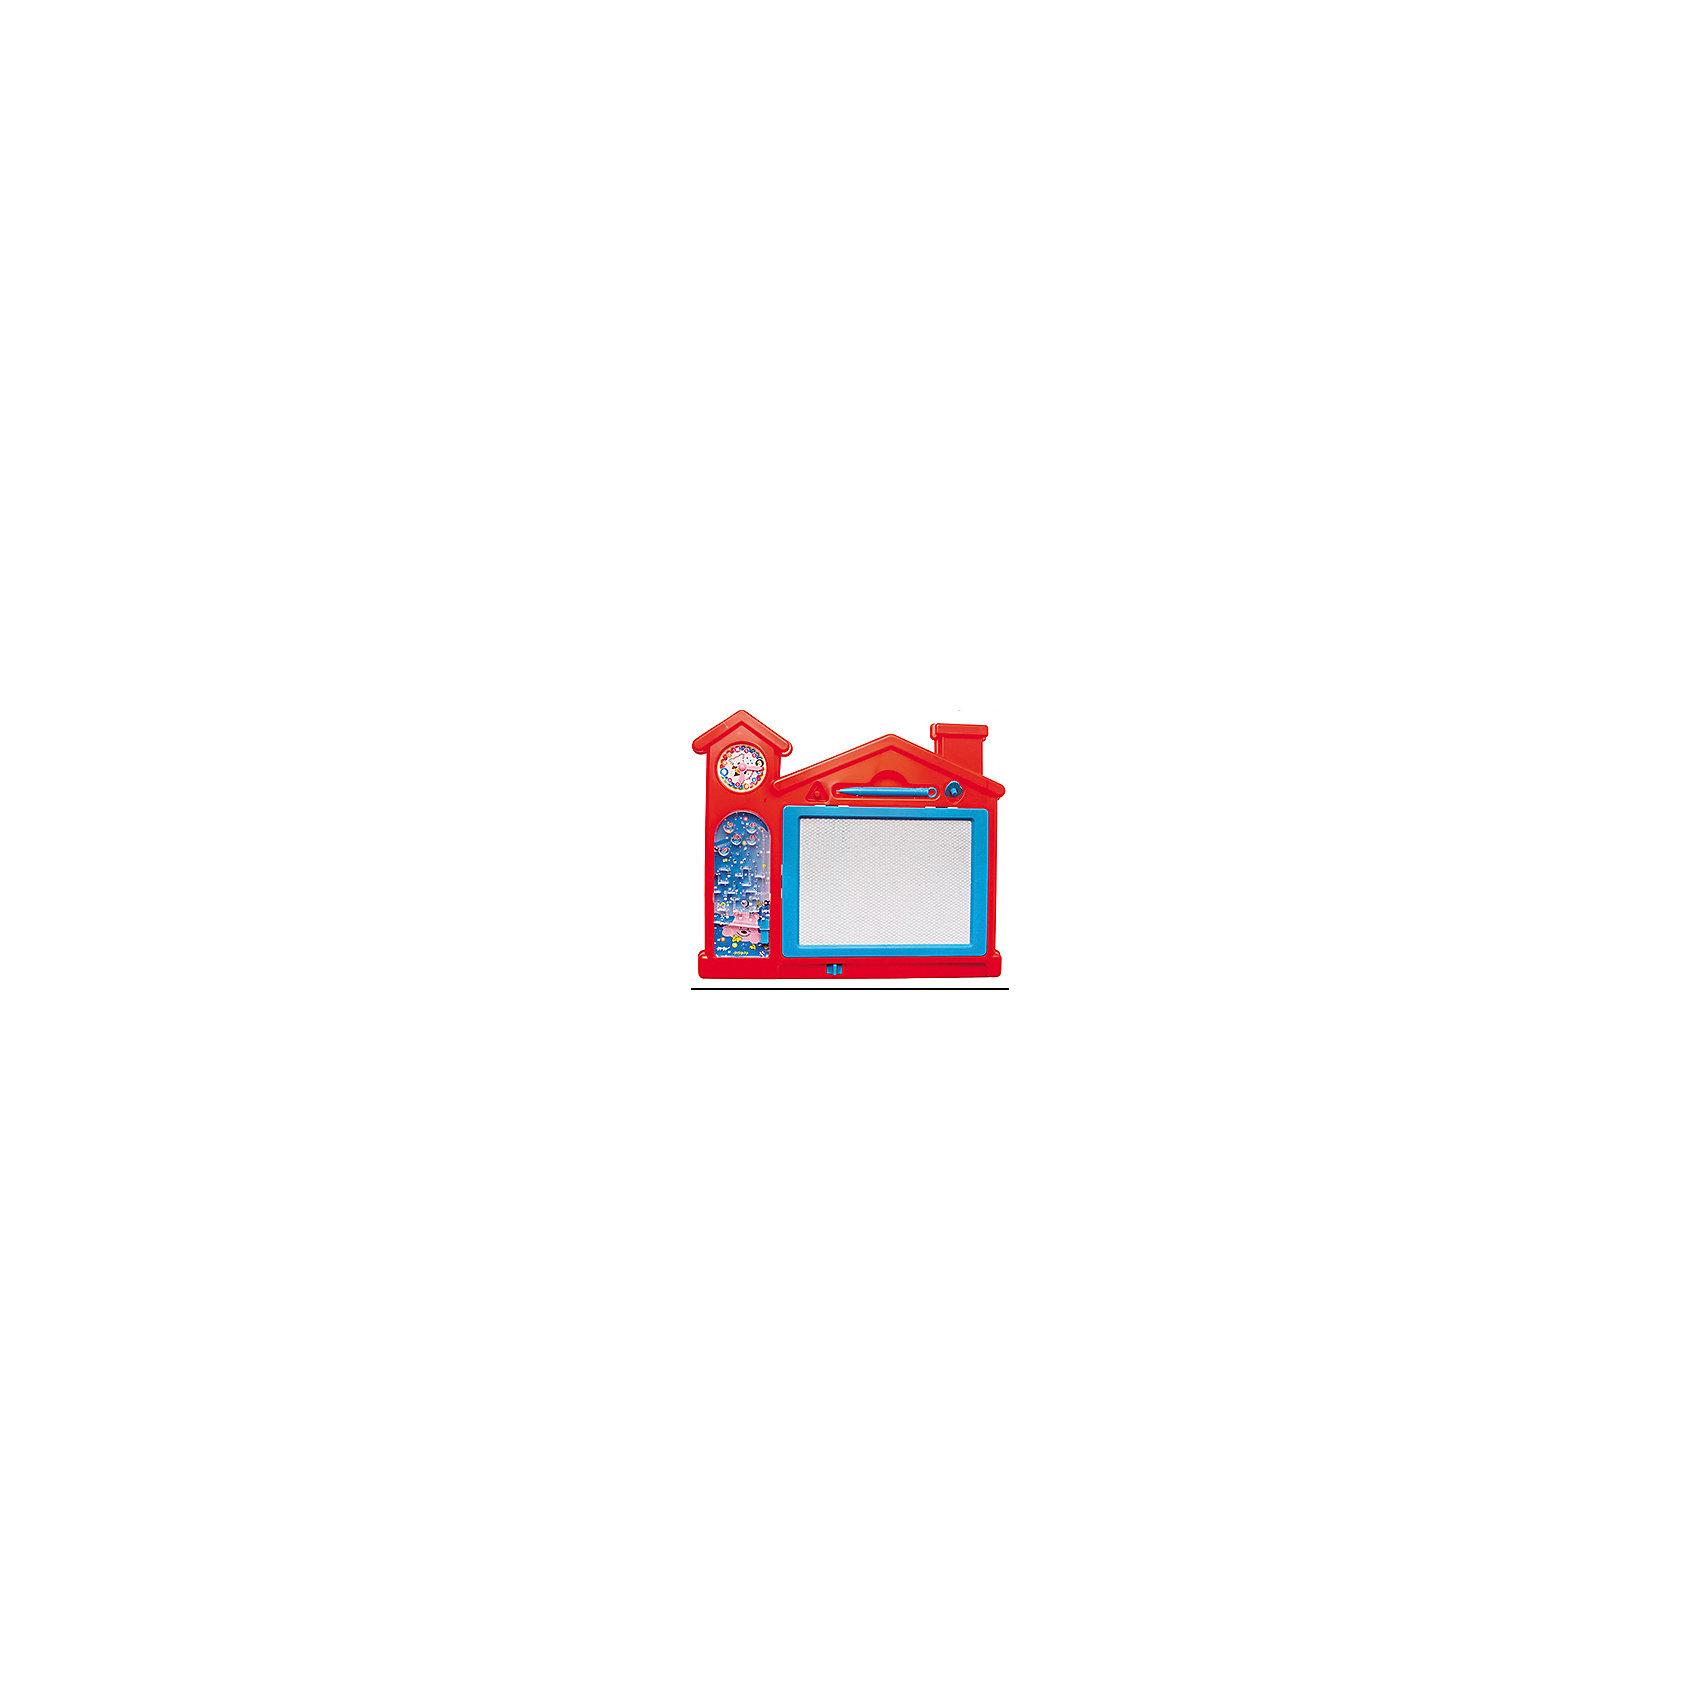 Доска Пиши-стирай Домик с часами, с пинболом, KriblyBooДоска Пиши-стирай Домик с часами, с пинболом, KriblyBoo (Крибли Бу).<br><br>• можно писать и рисовать<br>• поможет научиться распознавать время<br>• есть пинбол<br>• в комплекте: стилус, штампики, доска<br>• материал: пластик<br>• размер упаковки: 13х9х22 см<br>• вес: 205 грамм<br><br><br>Домик с часами - уникальный набор для творчества, обучения и игр. Ребенок сможет писать или рисовать при помощи магнитной ручки или штампиков, легко стирать нарисованное и украшать доску своими творениями заново. Однако даже самый опытный художник может устать. В этом случае на помощь придет пинбол - прекрасный вариант, чтобы отдохнуть с пользой. Доска выполнена в форме домика, верх которого украшают часы, которые помогут малышу научиться распознавать время. С этой доской ваш ребенок проведет время с пользой!<br><br>Доску Пиши-стирай Домик с часами, с пинболом, KriblyBoo (Крибли Бу) вы можете купить в нашем интернет-магазине.<br><br>Ширина мм: 220<br>Глубина мм: 90<br>Высота мм: 130<br>Вес г: 205<br>Возраст от месяцев: 36<br>Возраст до месяцев: 120<br>Пол: Женский<br>Возраст: Детский<br>SKU: 5017658